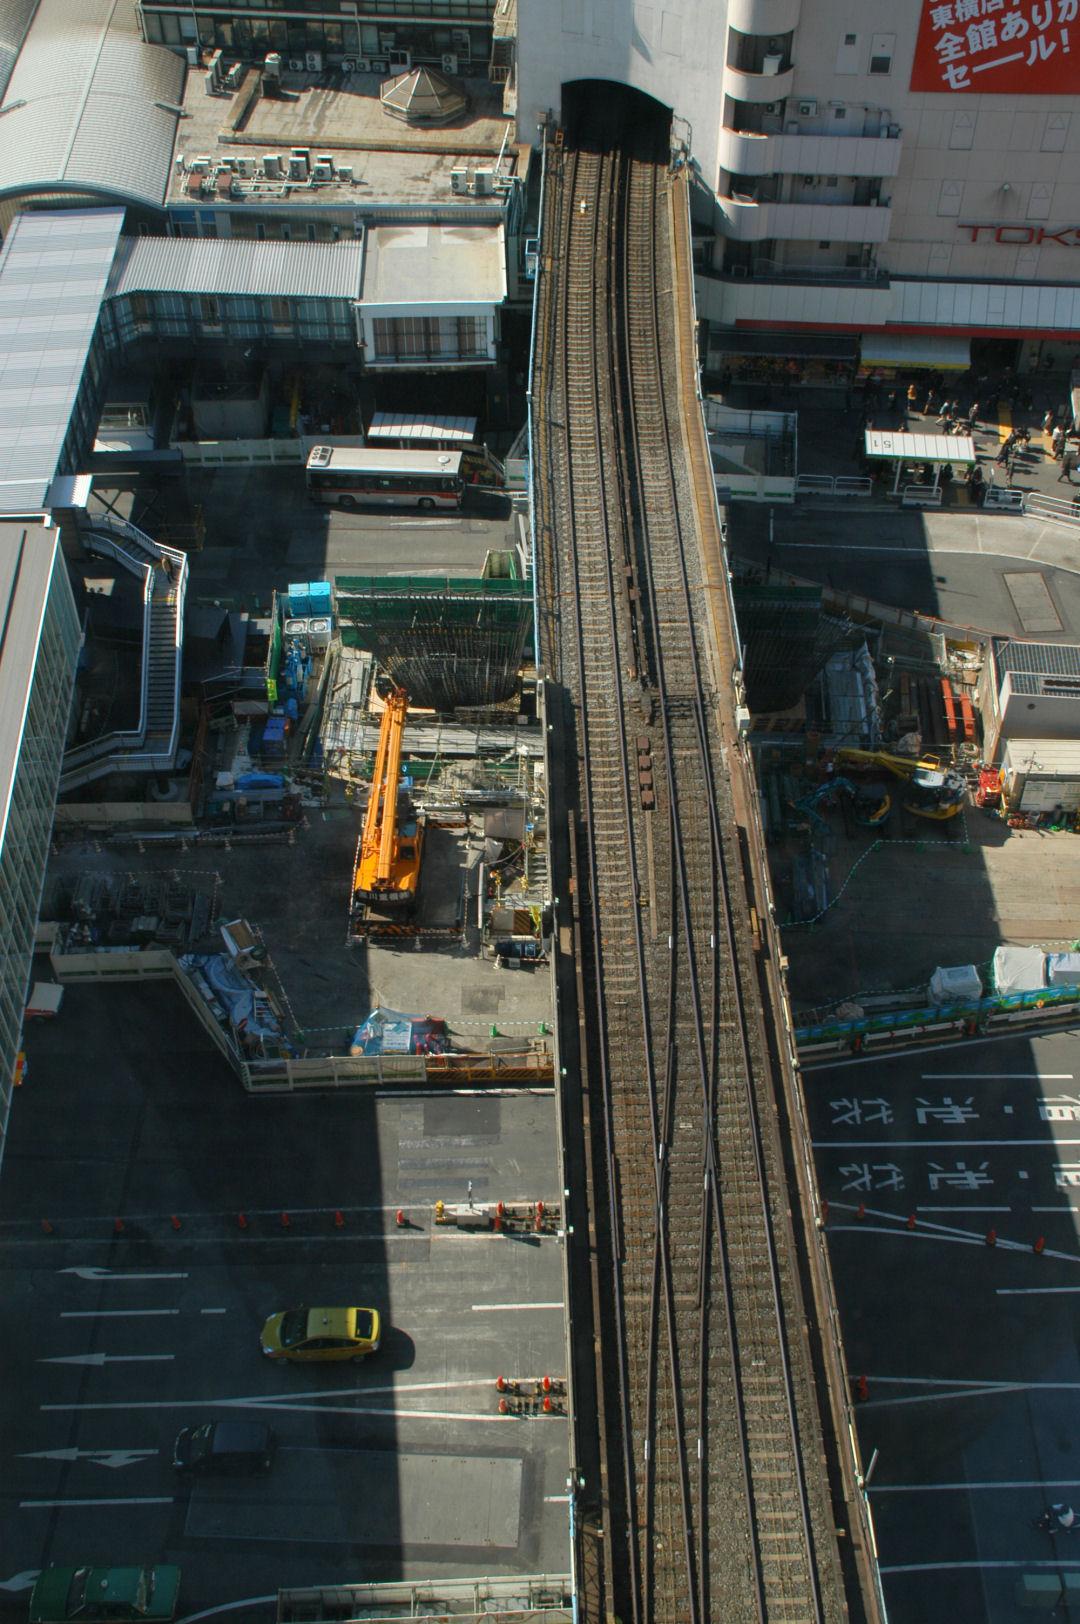 shibuya32113020018.jpg